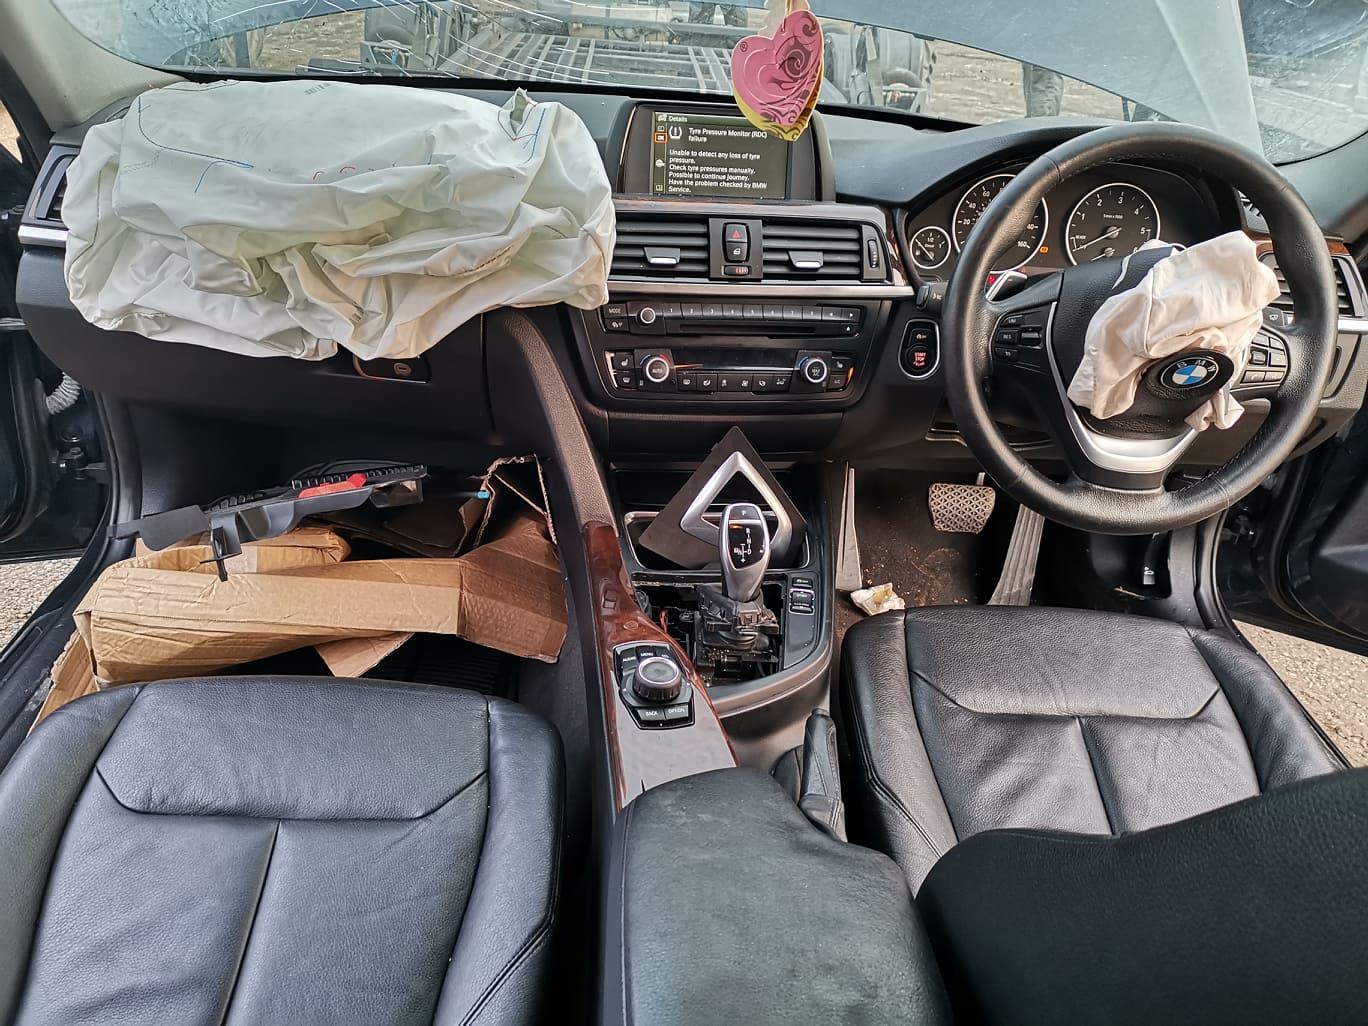 BMW alkatrészek - BMW F30 320D - Belső, kárpit - Carbon Car Center Kft. Békéscsaba 007